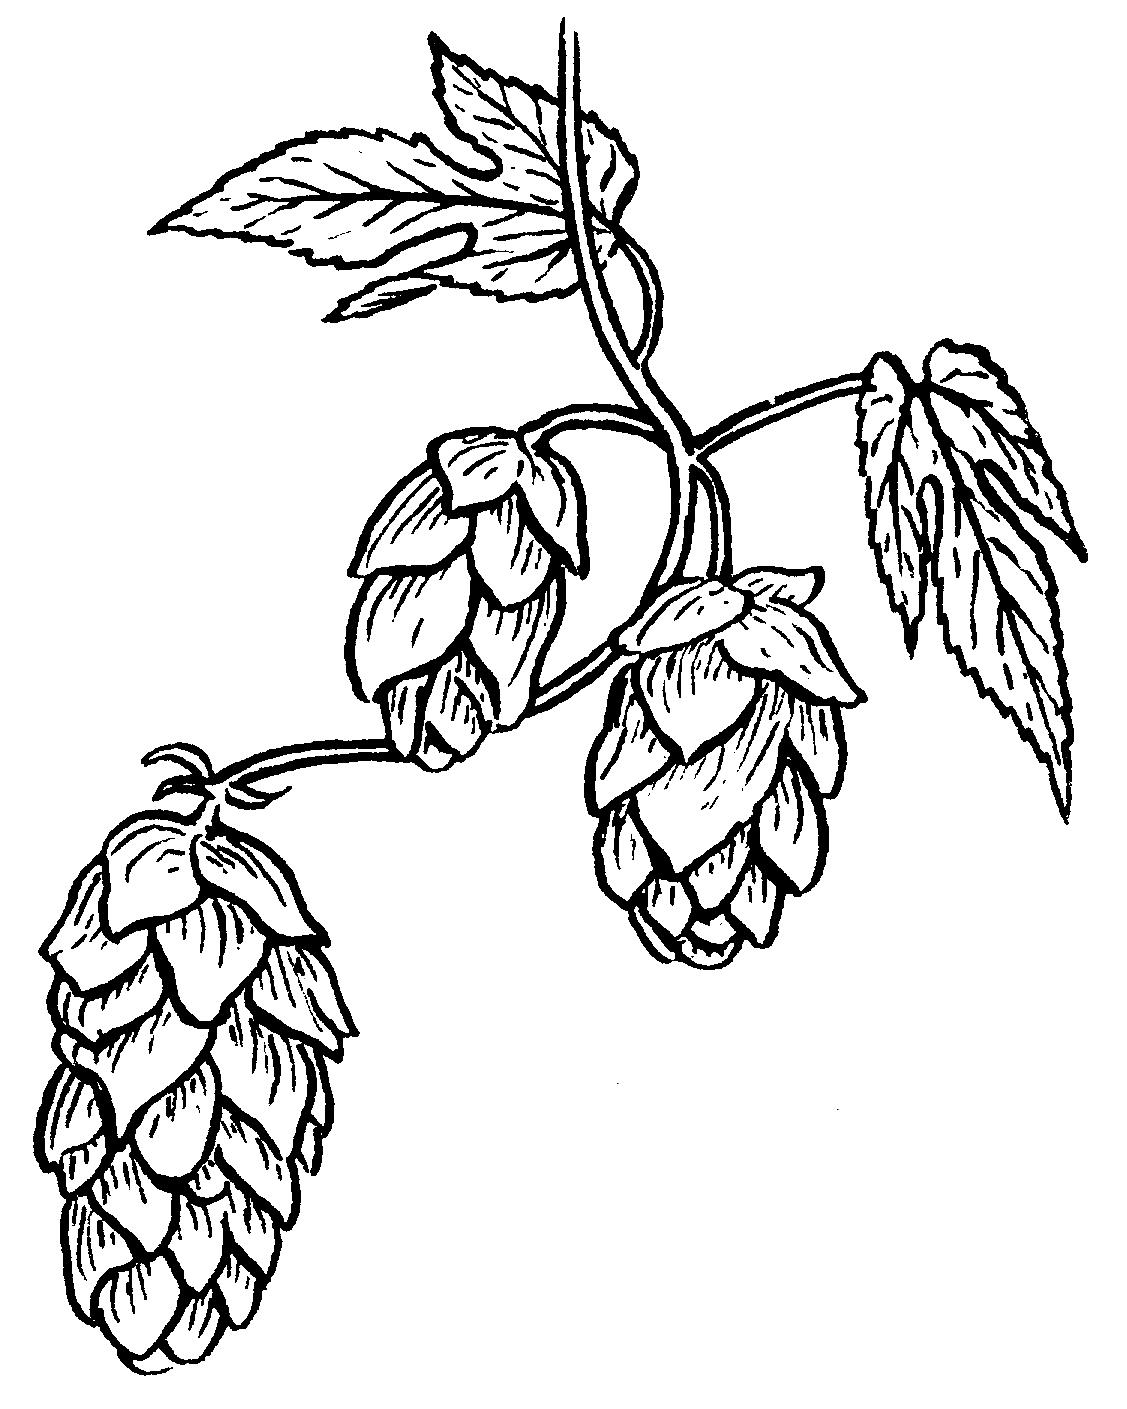 Beer bottle line drawing. Hops clipart sketch